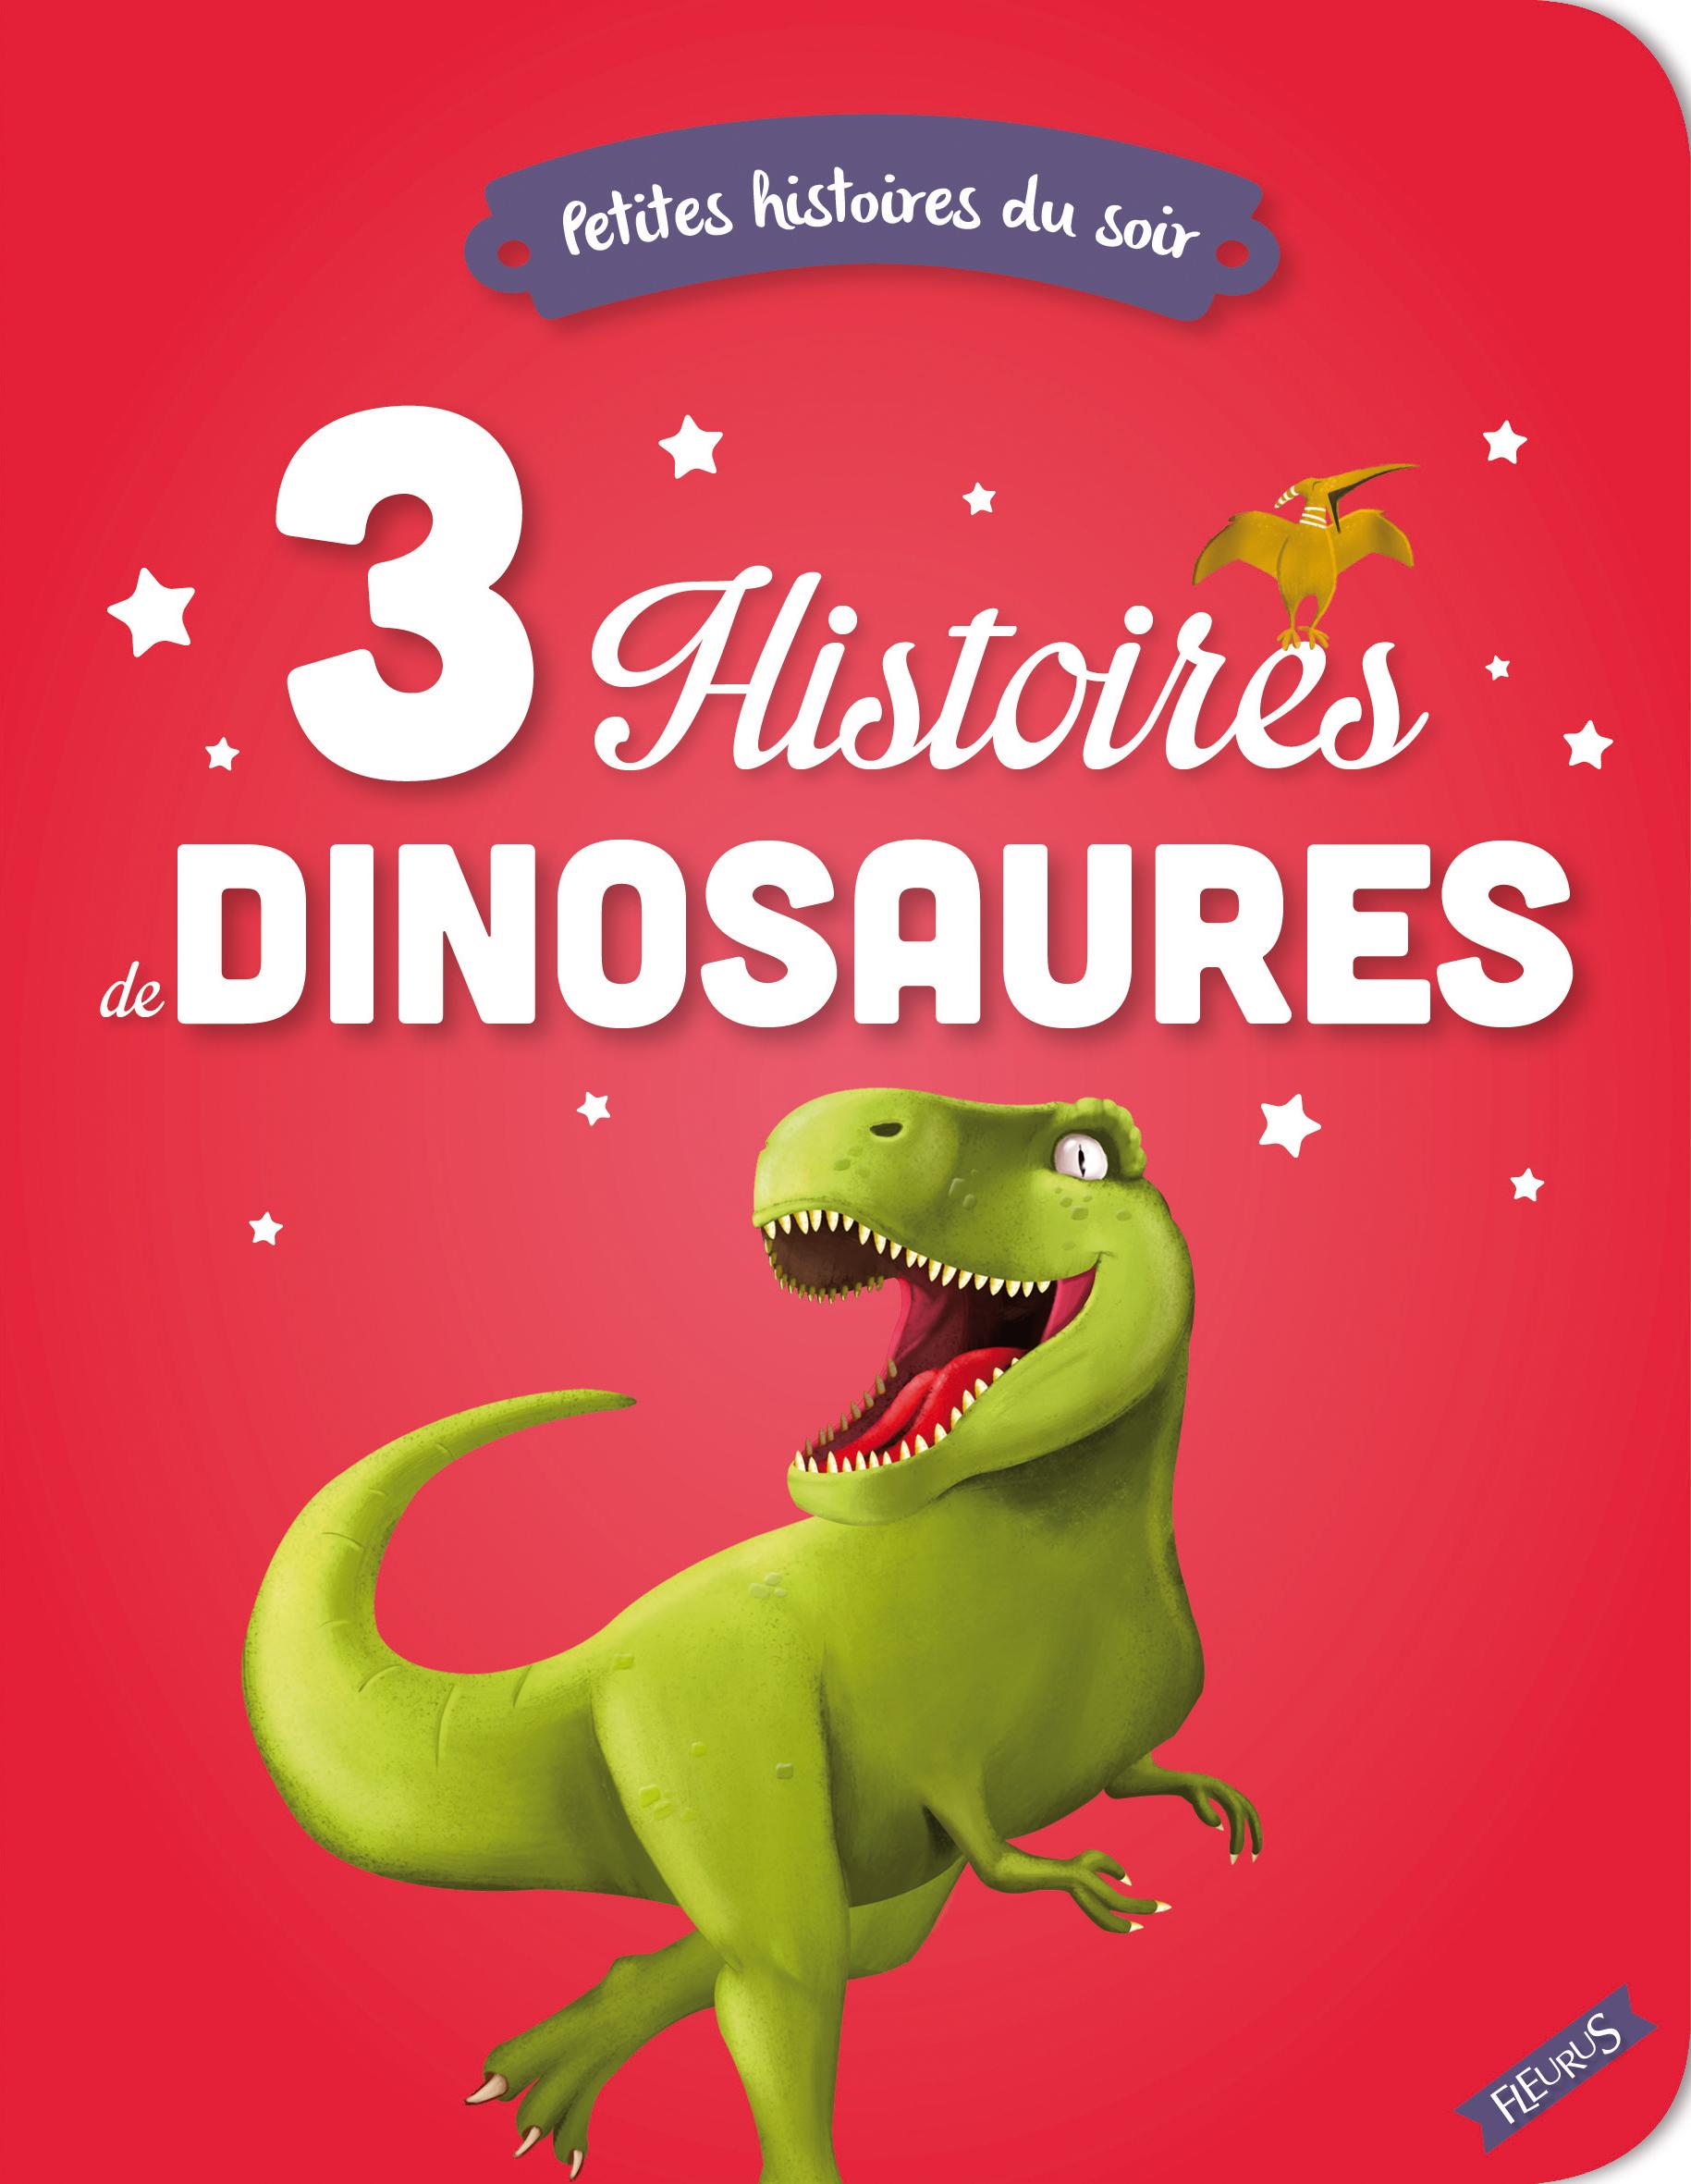 3 HISTOIRES DE DINOSAURES